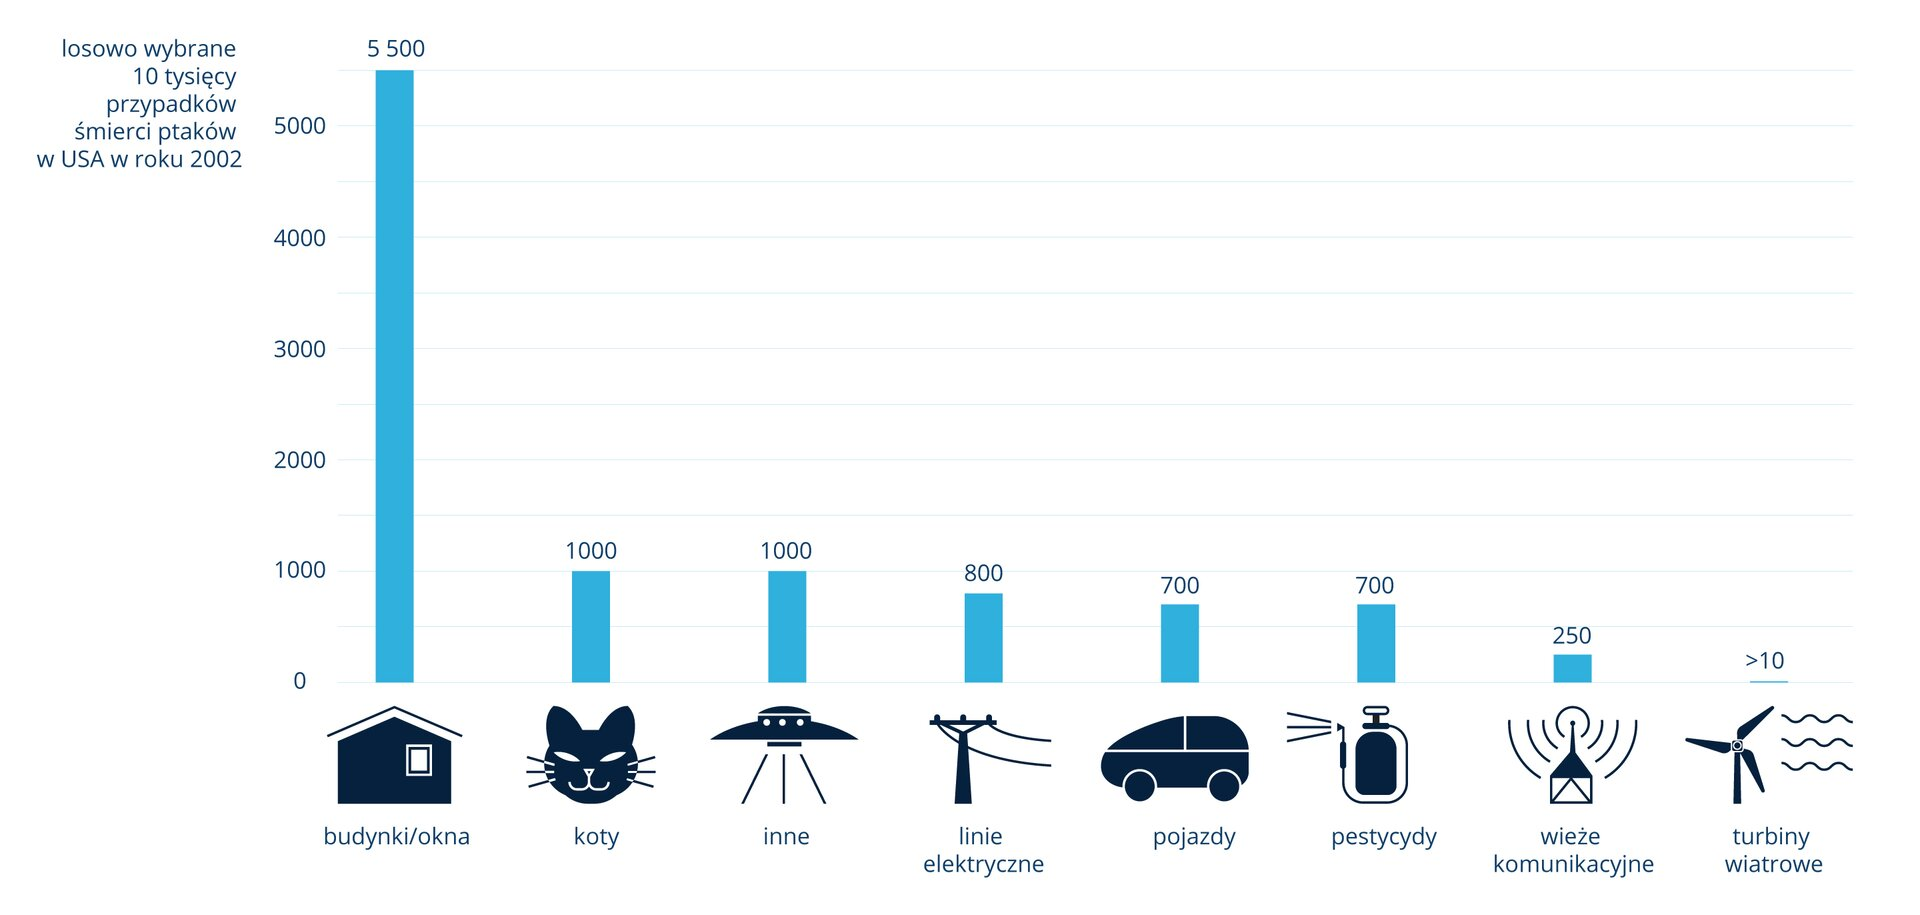 Diagram słupkowy przedstawia antropogeniczne przyczyny śmiertelności ptaków wUSA w2002 roku. Losowo wybrano 10 tysięcy przypadków śmierci ptaków iwpostaci błękitnych słupków przedstawiono ilość śmierci wzależności od przyczyny. Na dole znajdują się czarne sylwetki, symbolizujące przyczynę śmierci ptaków.